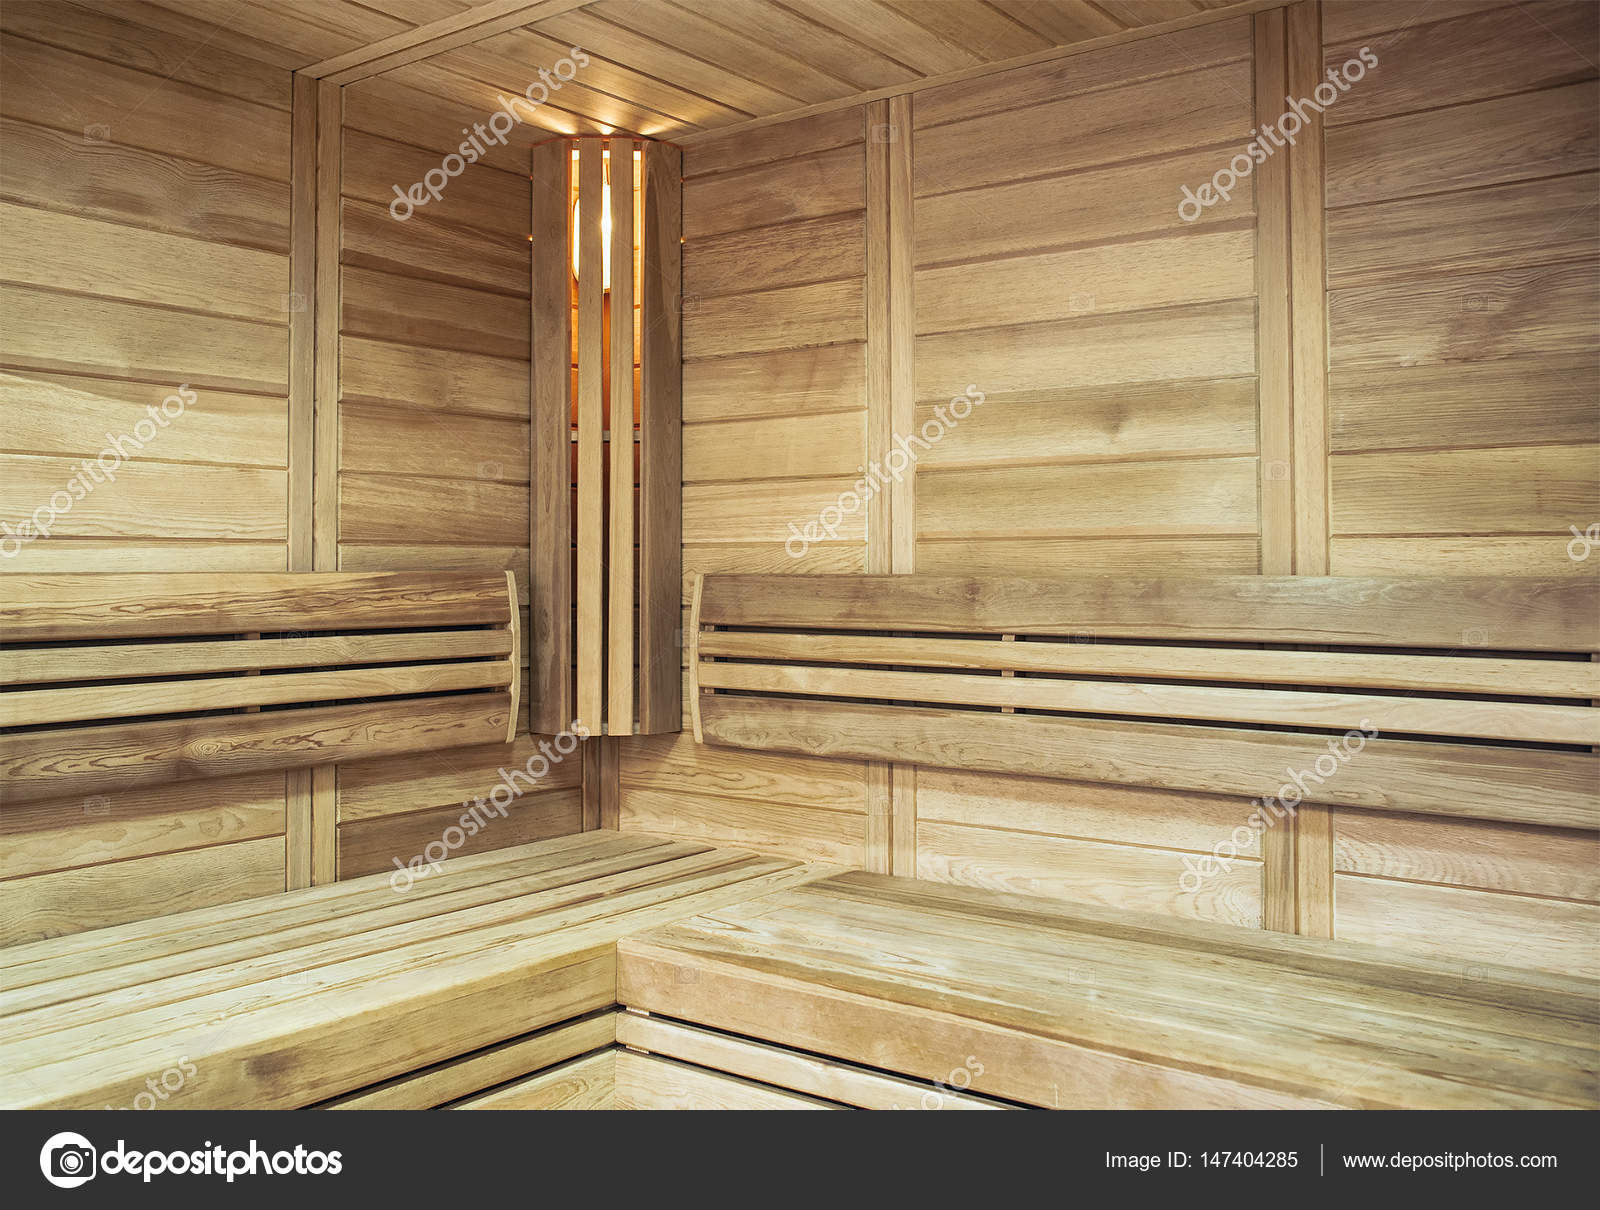 Die Gemutliche Einrichtung Der Sauna Mit Beleuchtet In Der